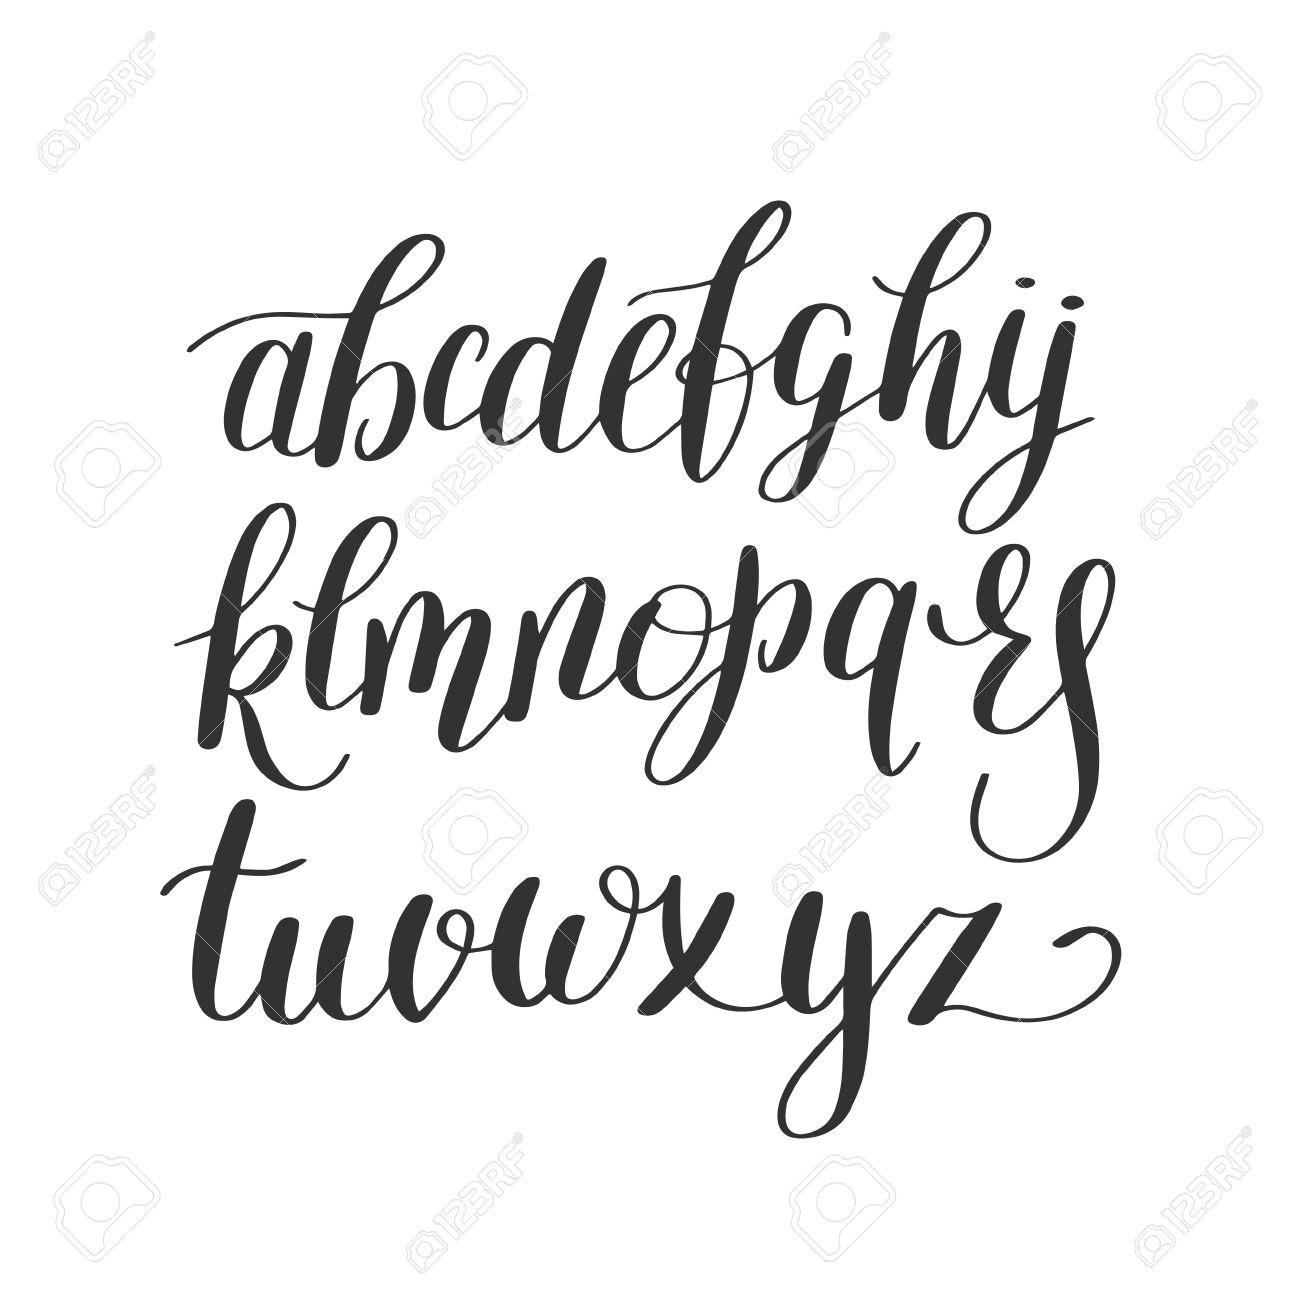 1300x1300 Black And White Hand Lettering Alphabet Design, Handwritten Brush